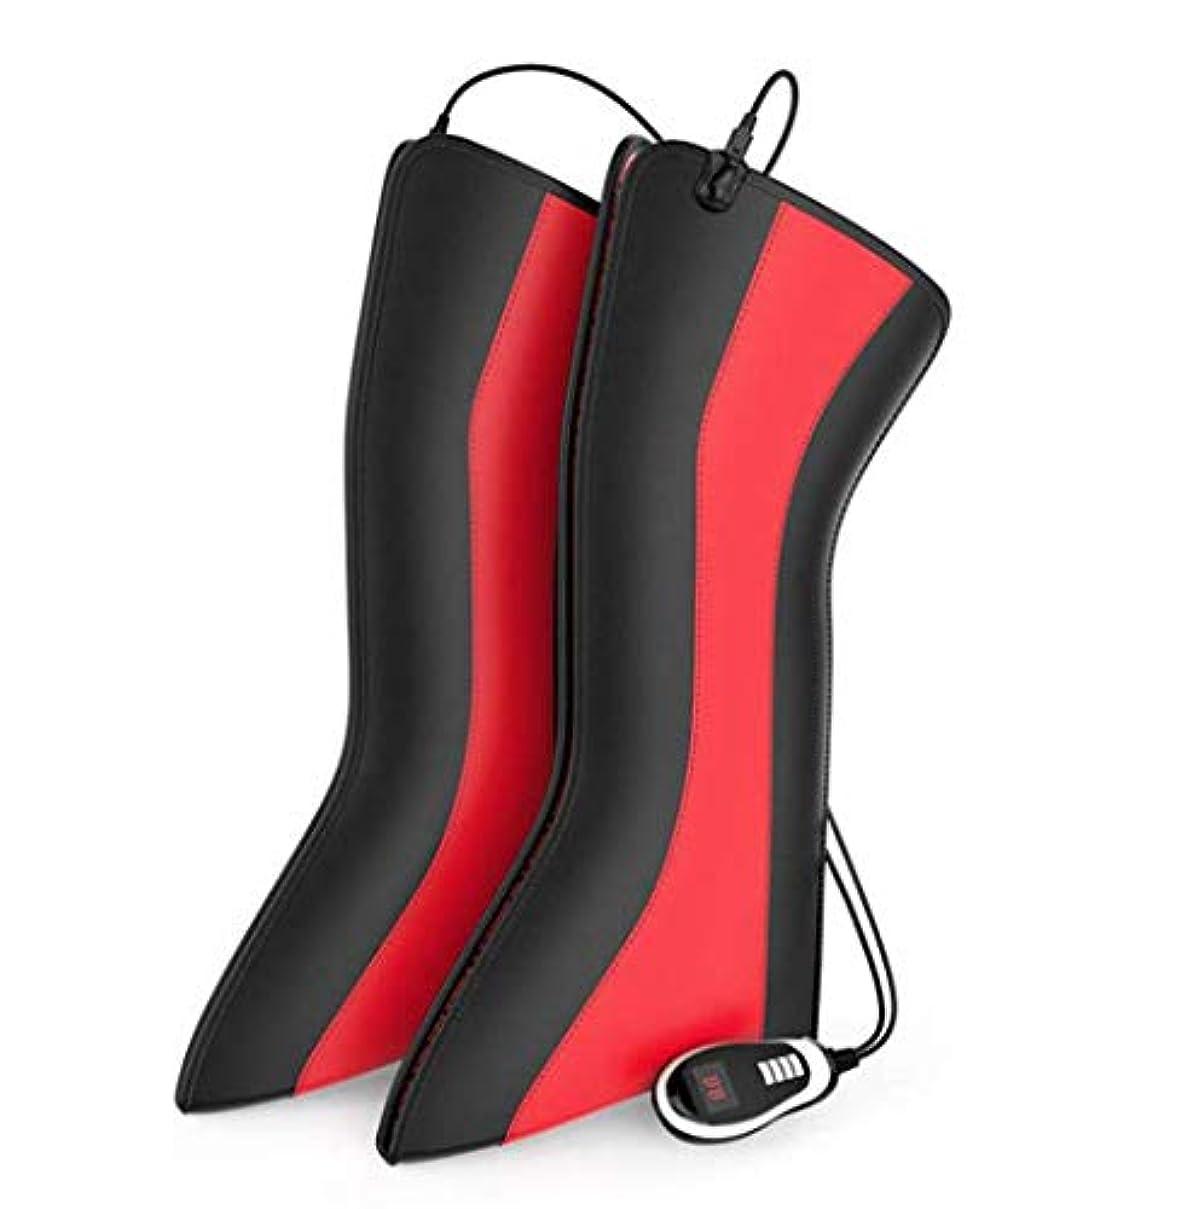 無し再生可能ブレース加熱された膝装具ラップサポート、両親のための温度調節可能な電気加熱膝パッド高齢者の贈り物